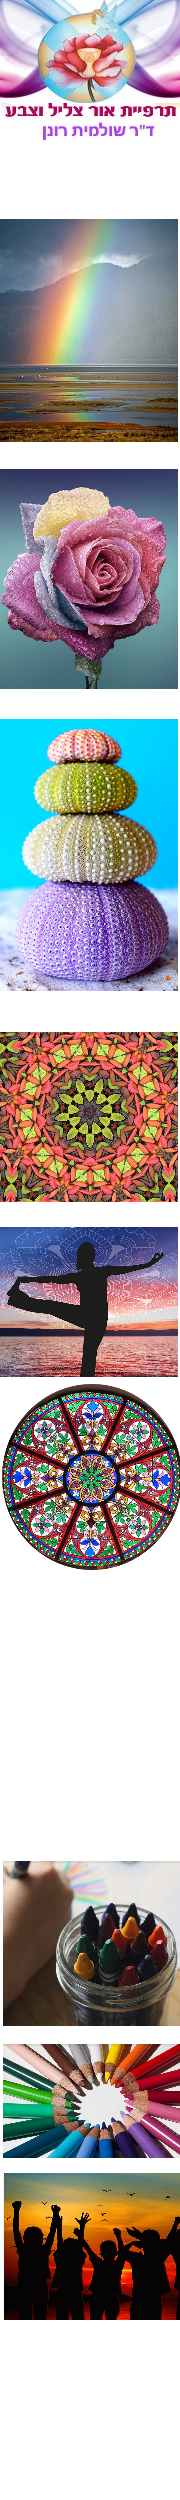 ביה'ס לתרפיית אור צליל וצבע - דר' שולמית רונן - קורס מנדלות - המנדלה ככלי יצירה ופענוח